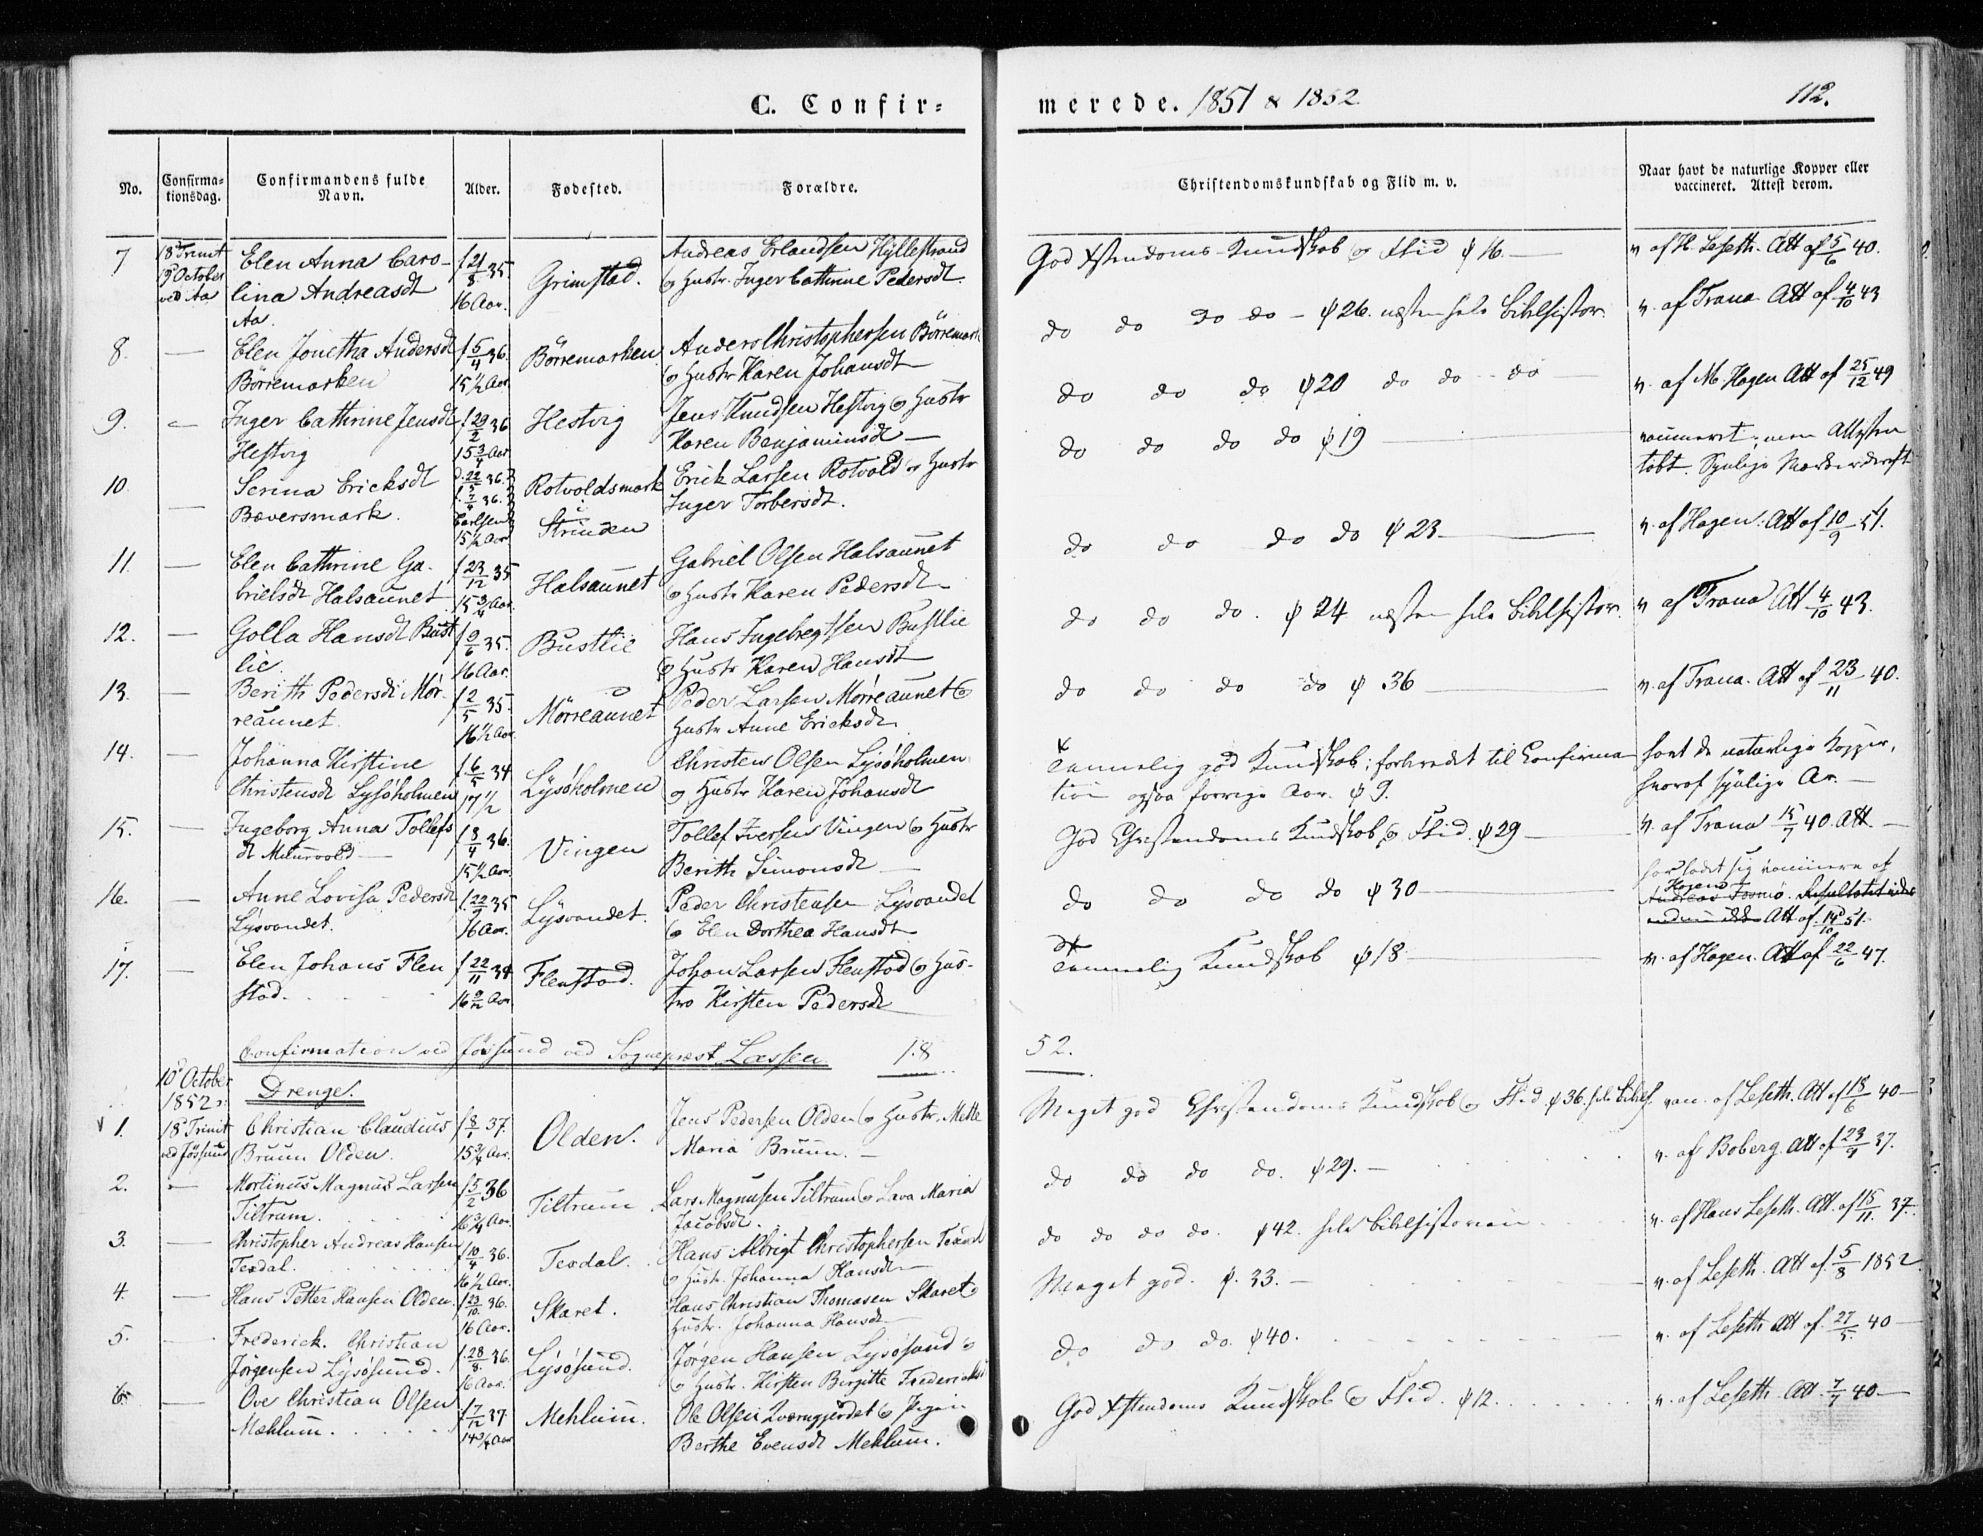 SAT, Ministerialprotokoller, klokkerbøker og fødselsregistre - Sør-Trøndelag, 655/L0677: Ministerialbok nr. 655A06, 1847-1860, s. 112